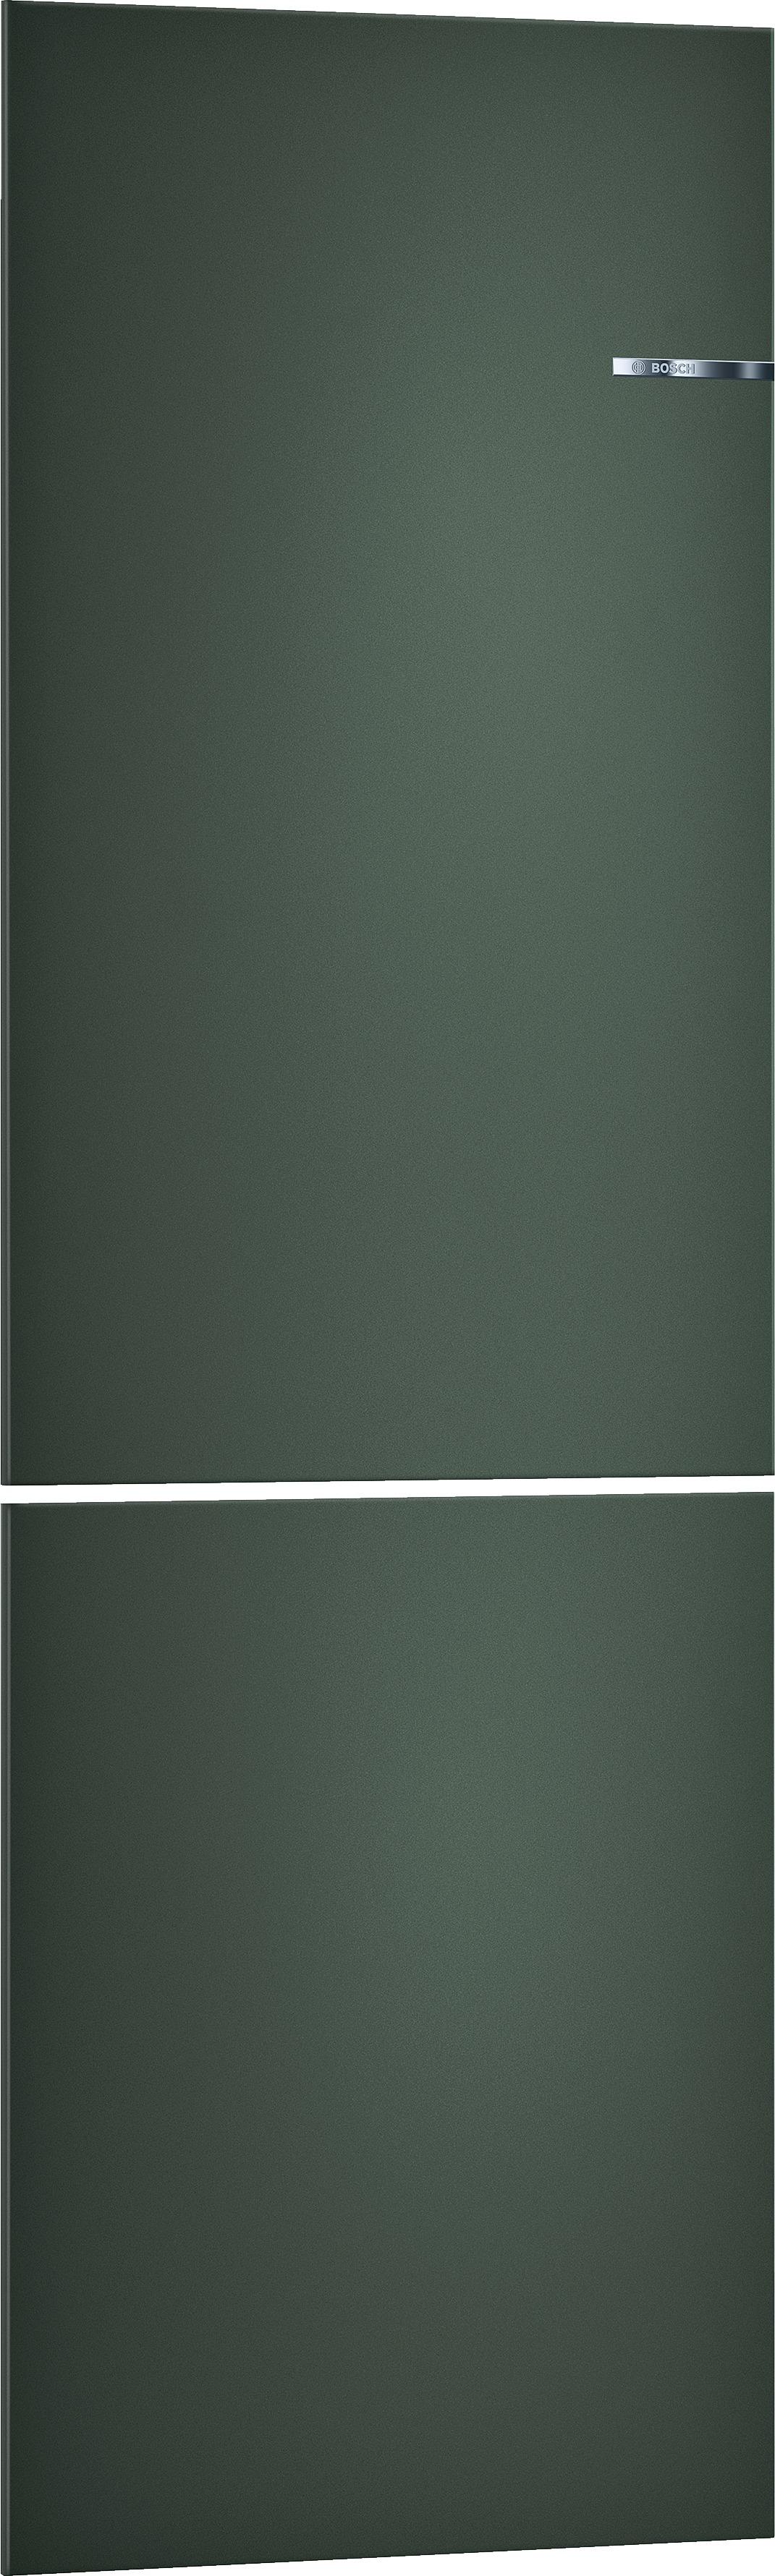 Op Perfect Plasma is alles over algemeen te vinden: waaronder expert en specifiek Bosch KSZ1AVH10 Koelkast accessoire Groen